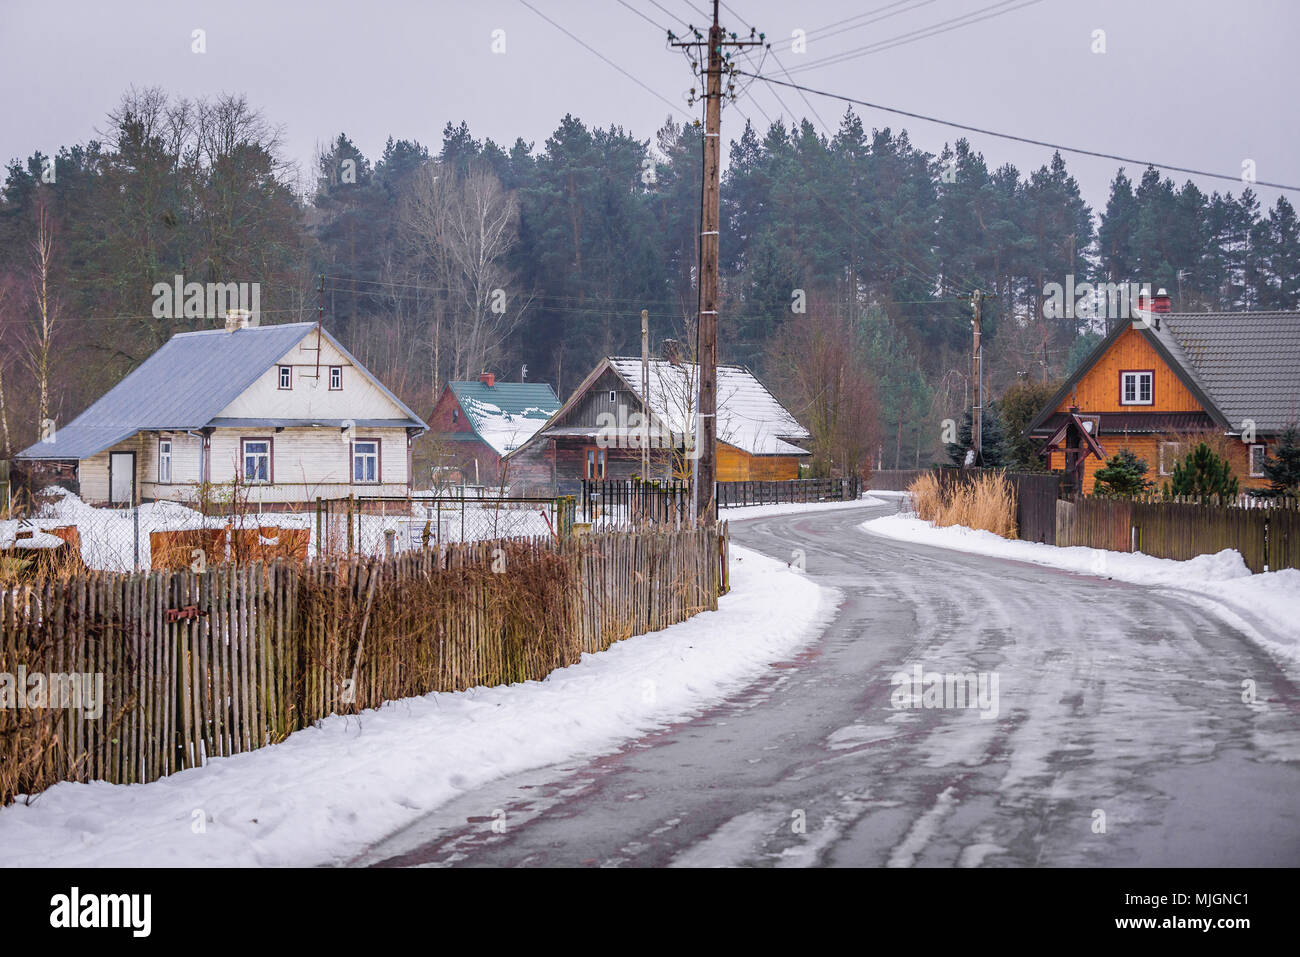 Gruszki village within Hajnowka County, Podlaskie Voivodeship of Poland - Stock Image